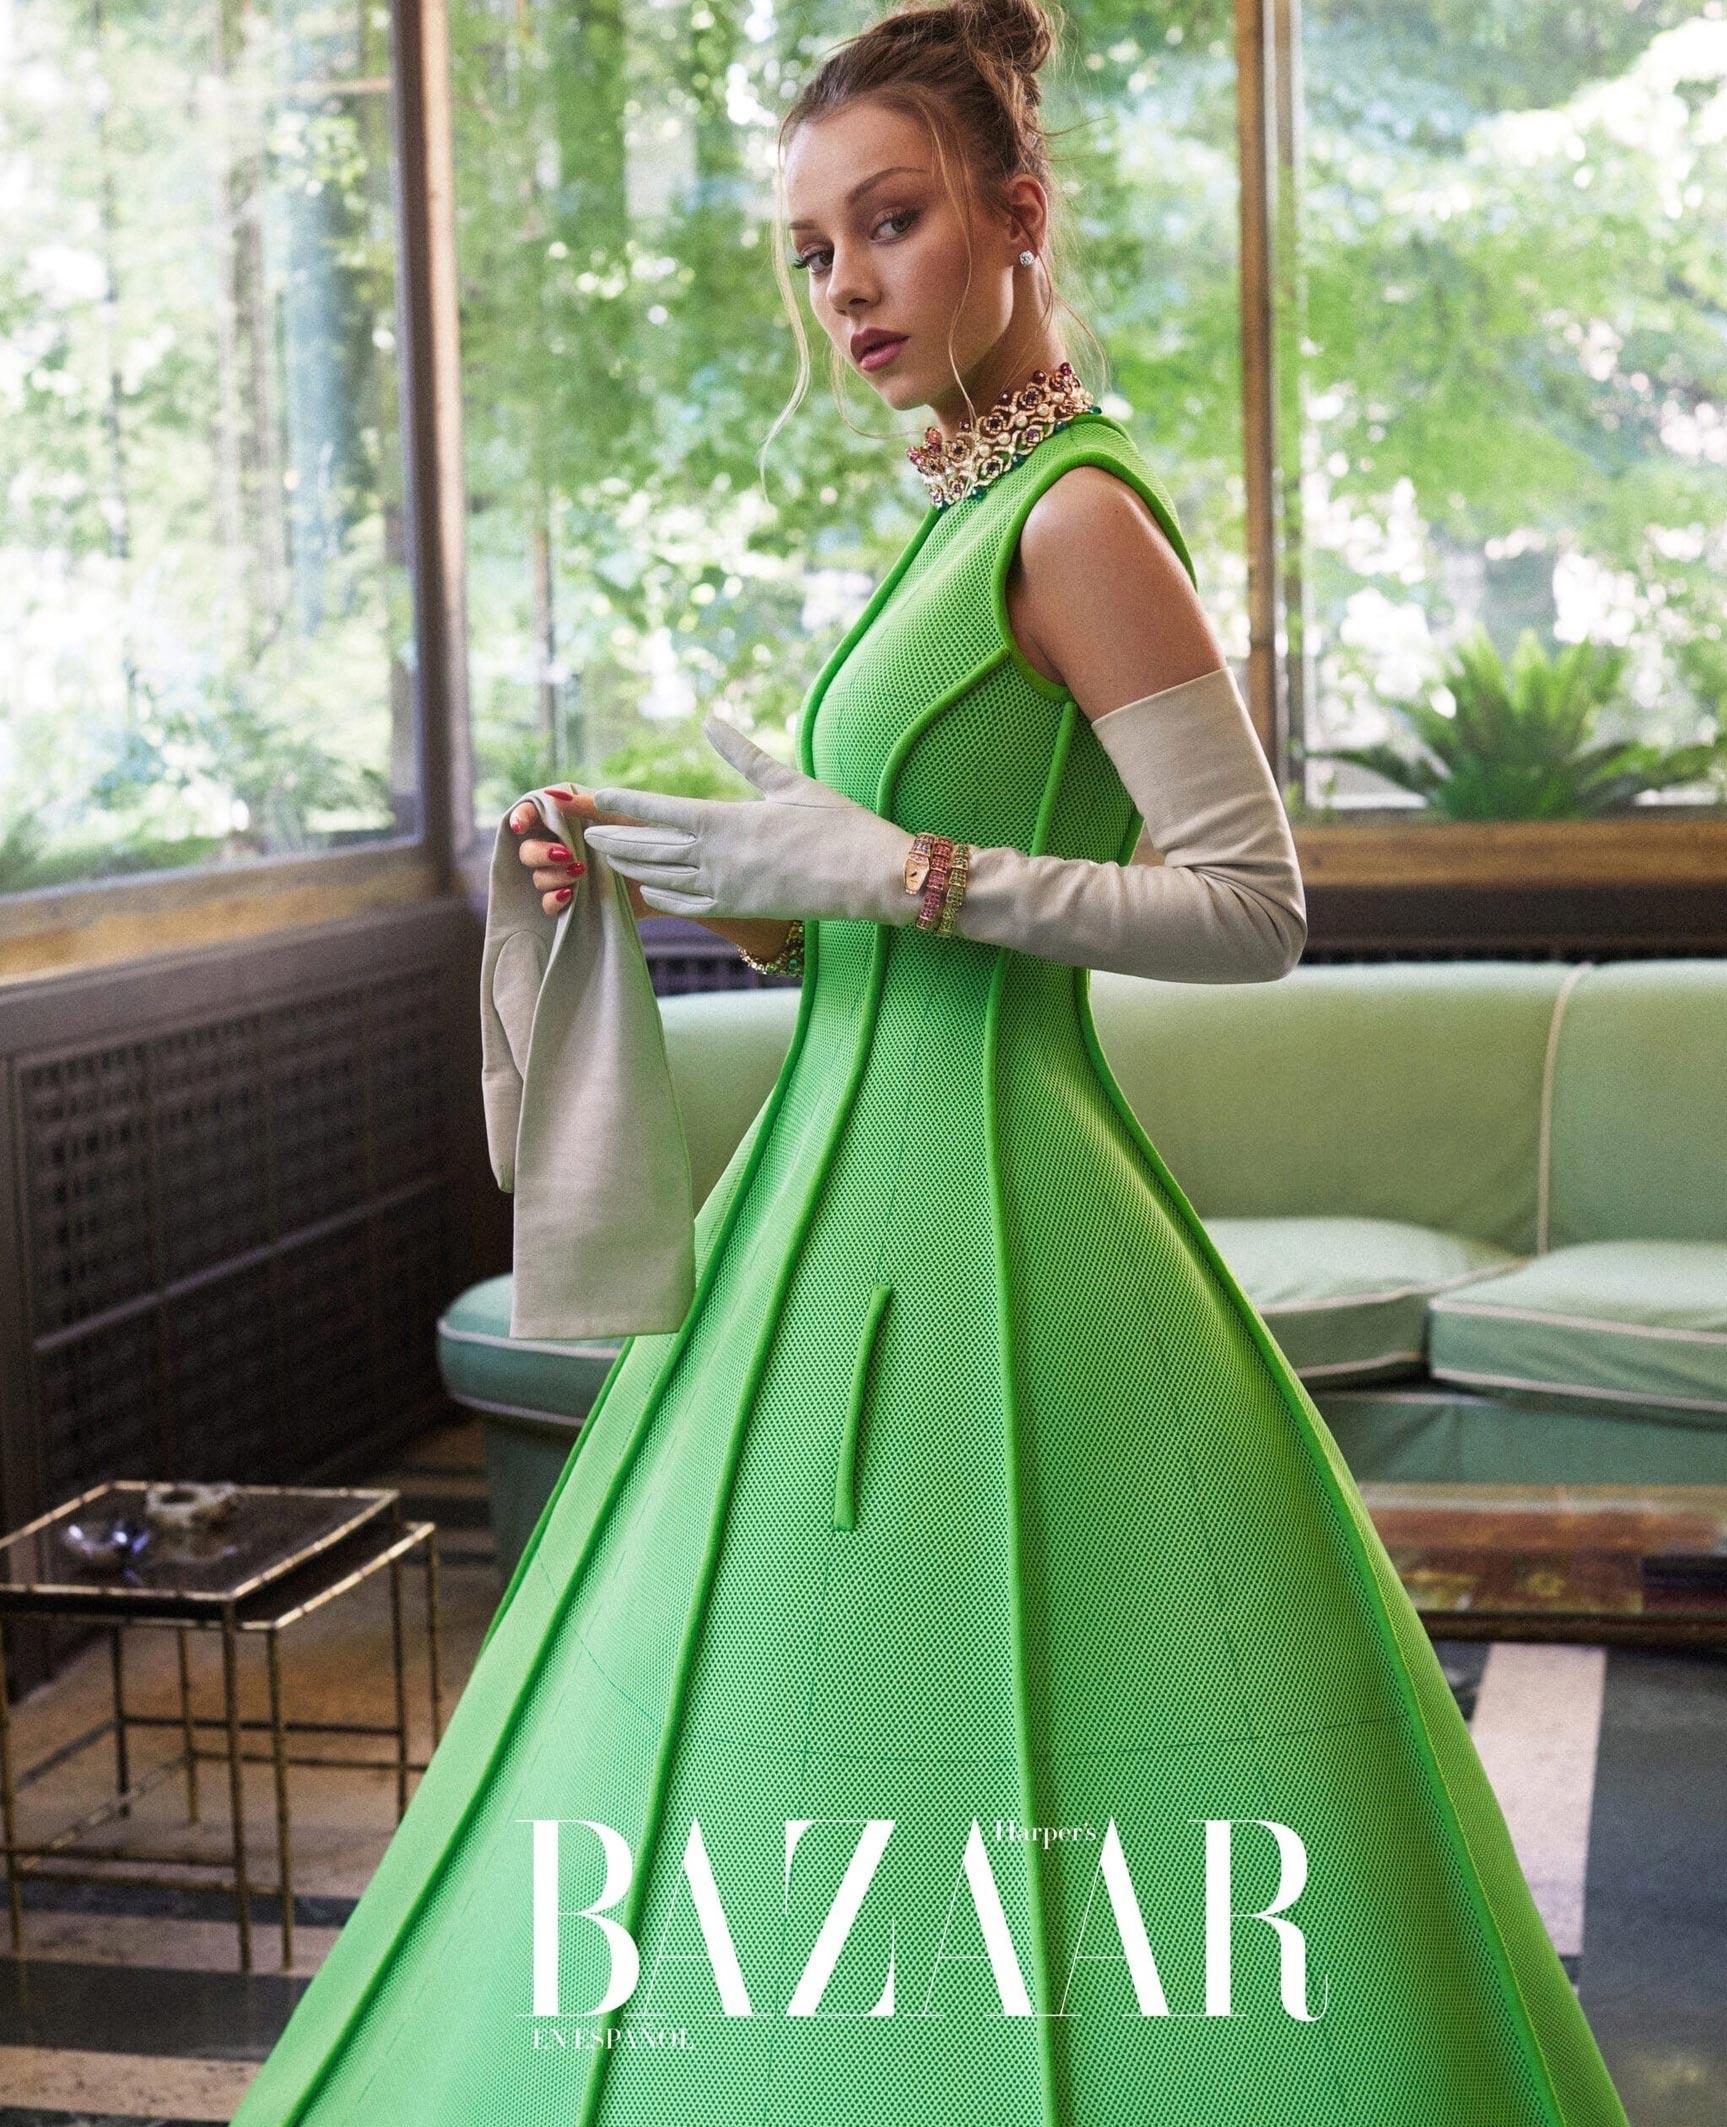 испанская актриса Эстер Экспосито демонстрирует шикарные наряды на страницах журнала Harpers Bazaar Мексика, октябрь 2021 / фото 03